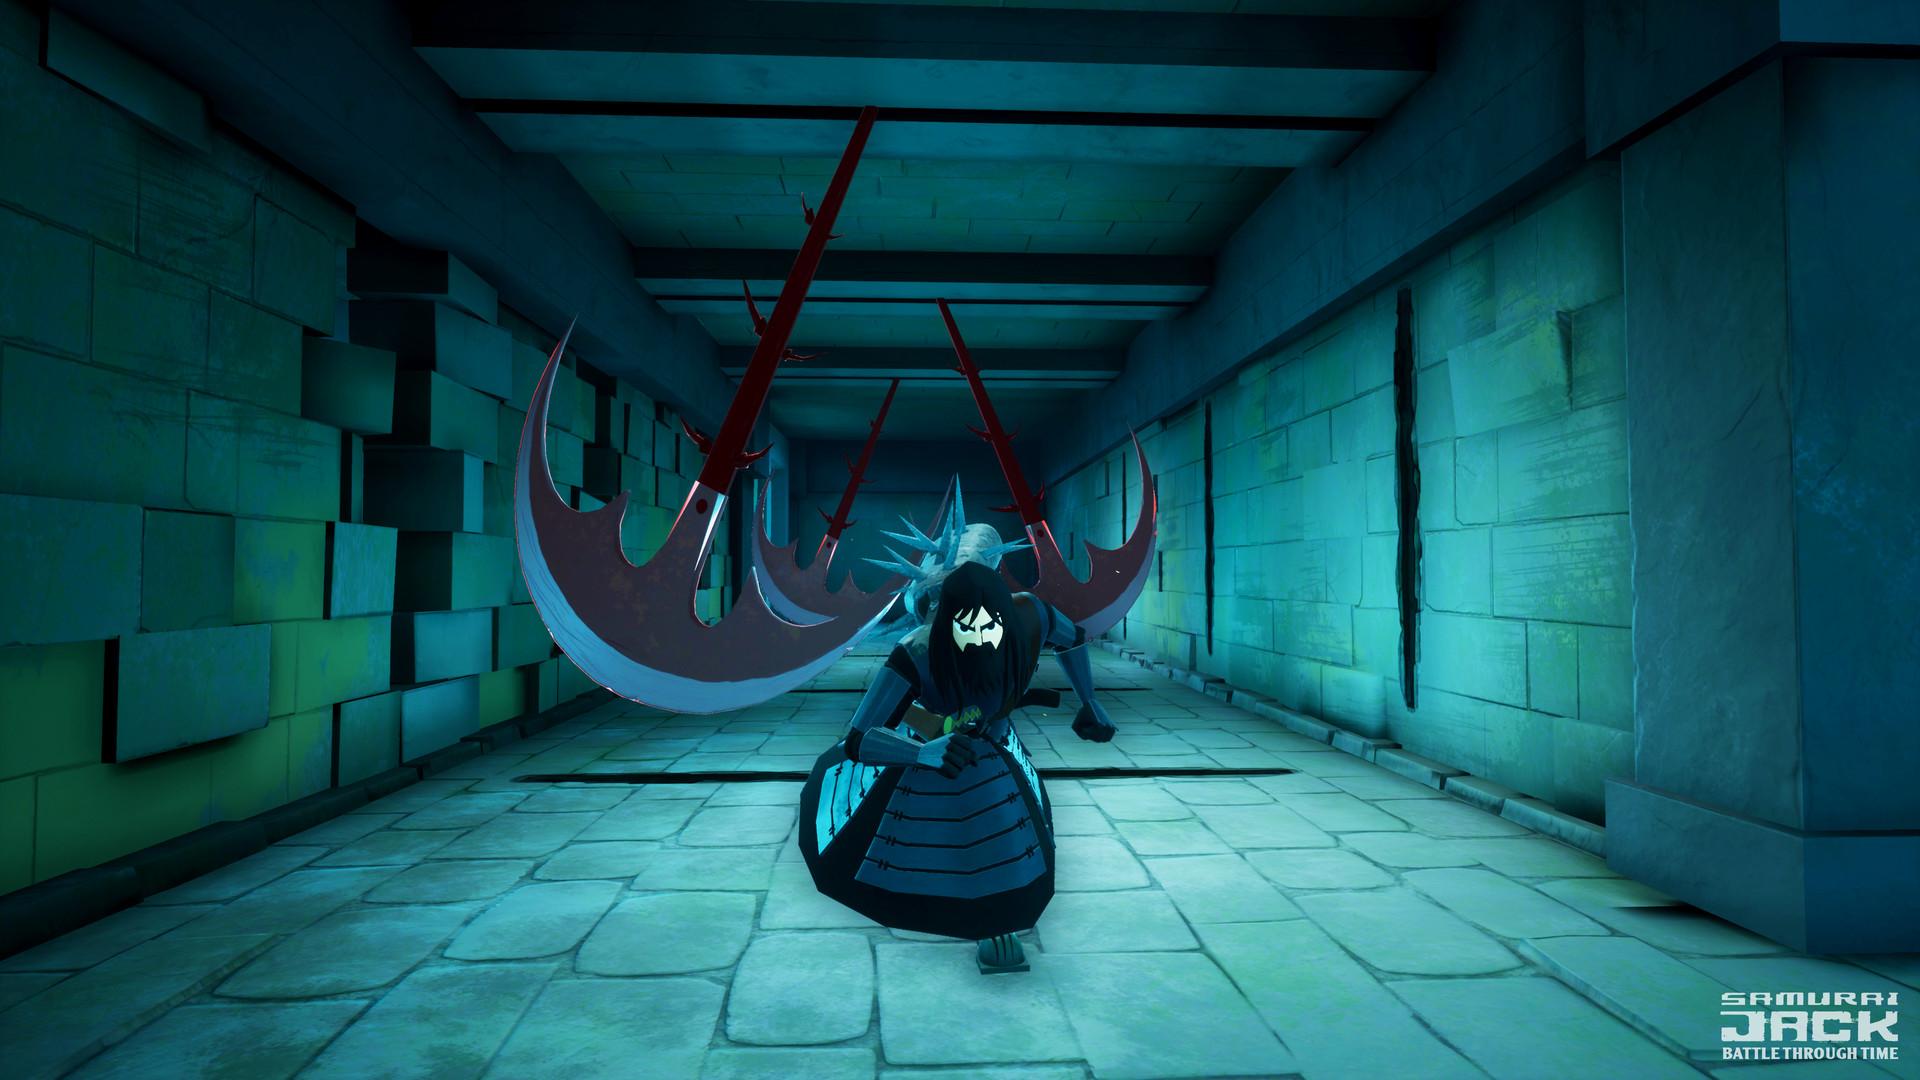 武士杰克:穿越时空的战斗/Samurai Jack: Battle Through Time